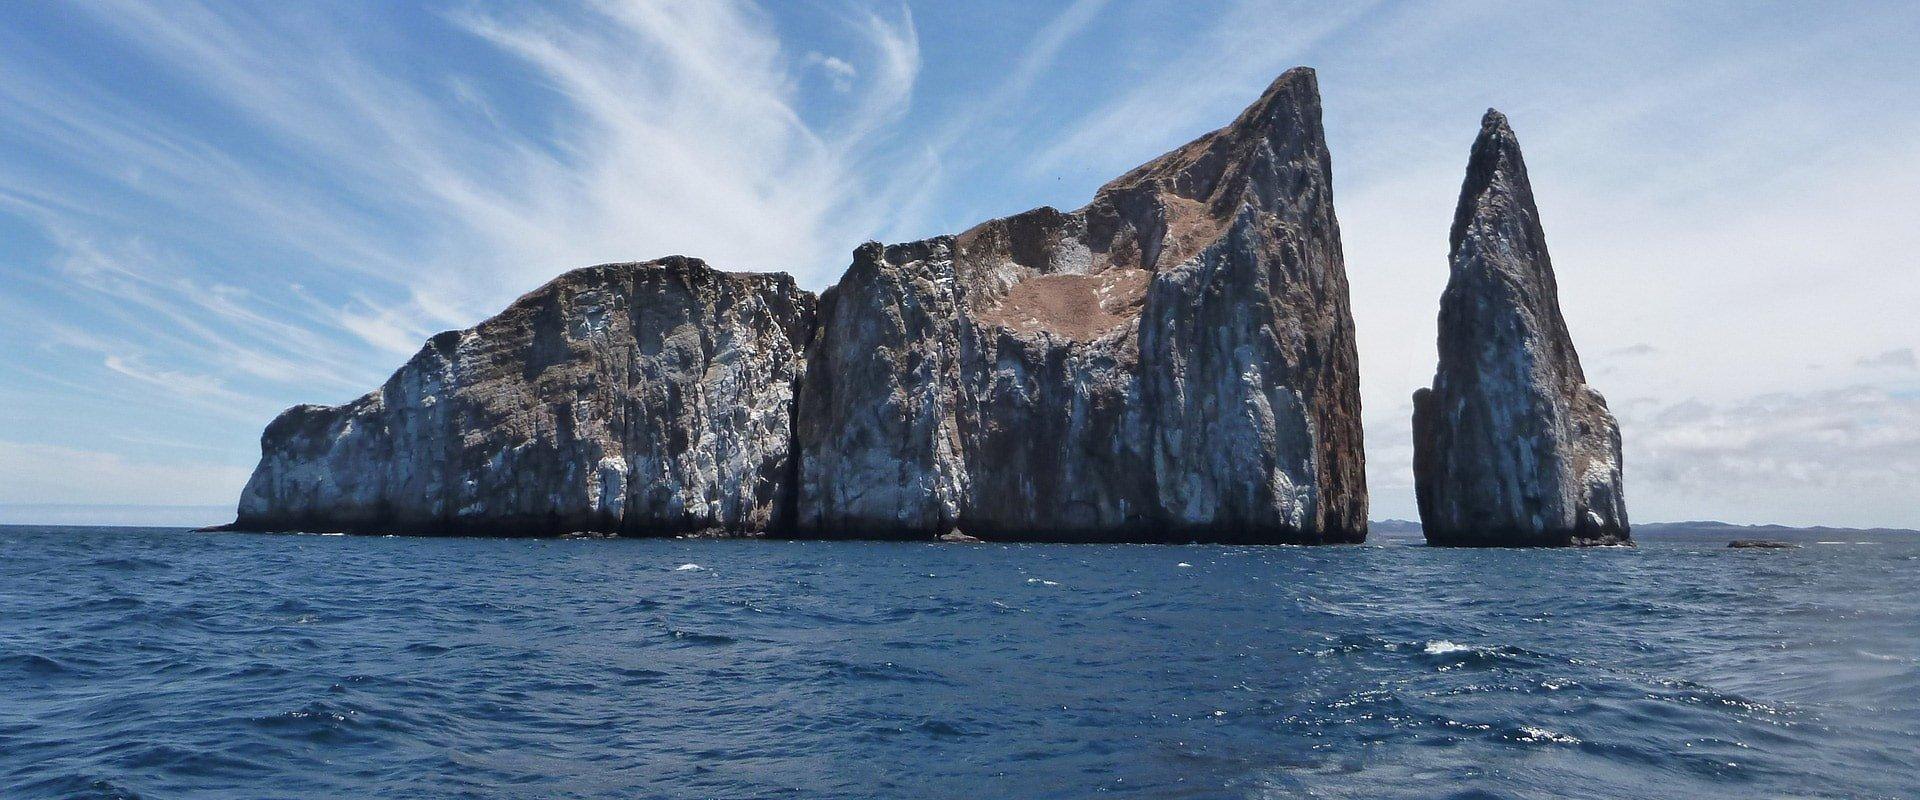 galapagos equateur voyage